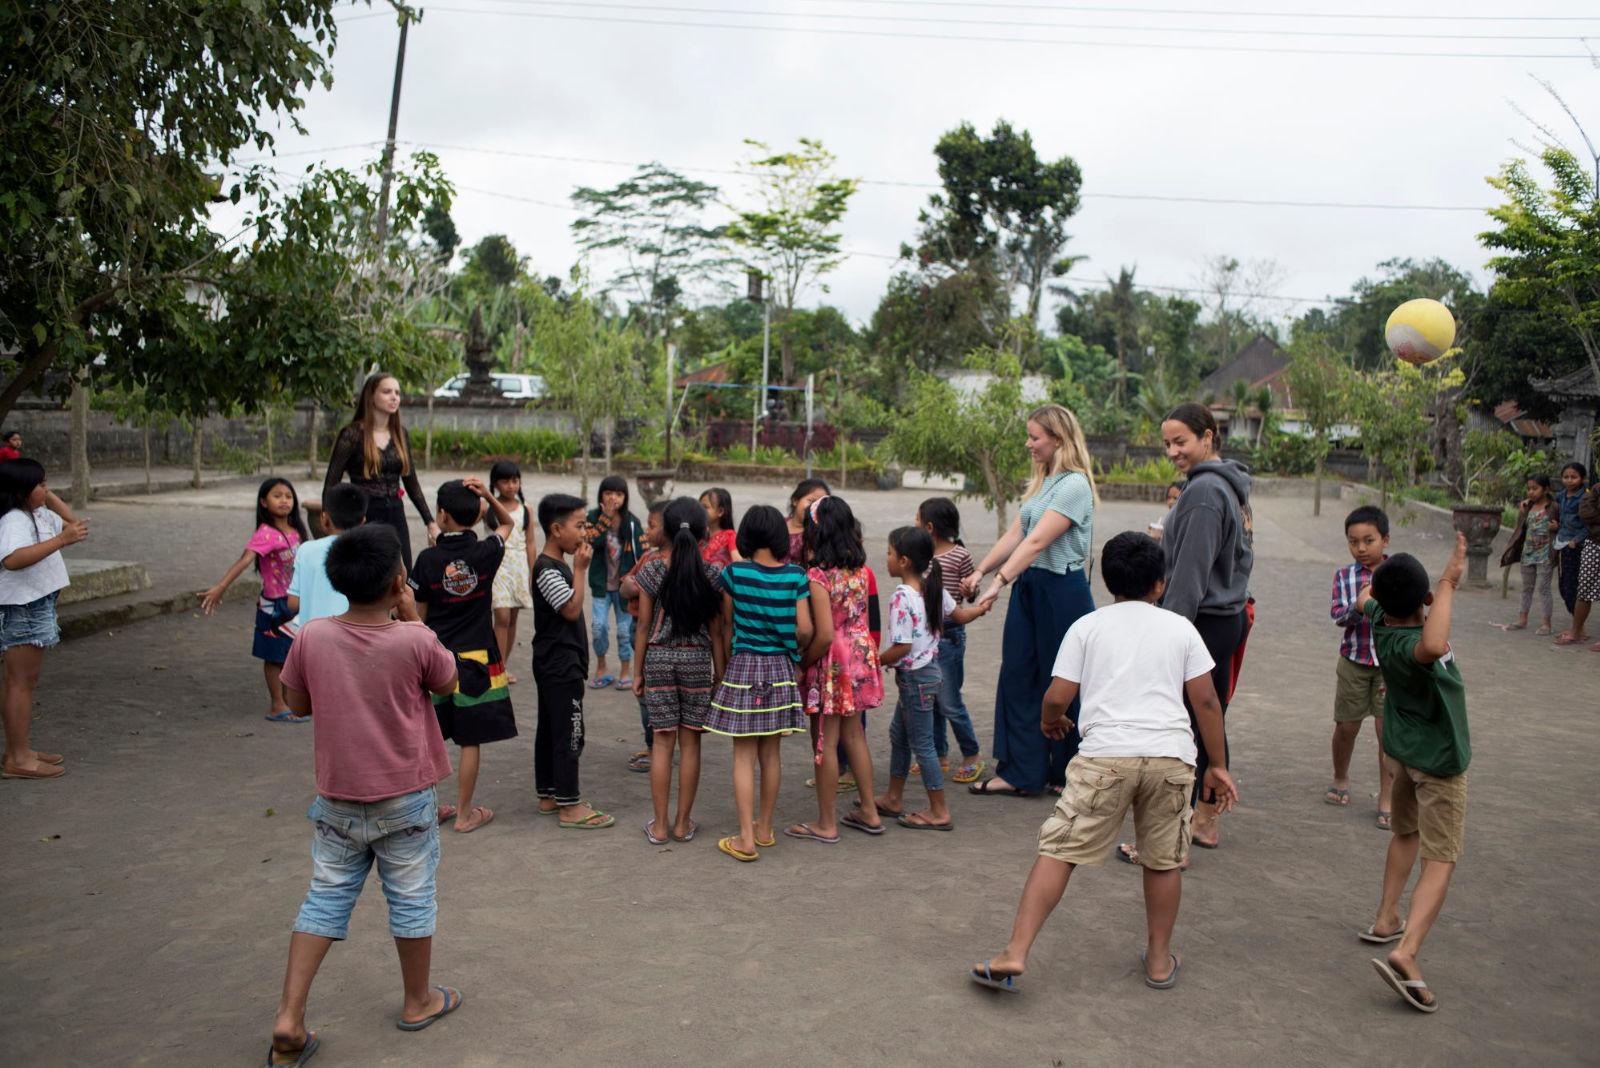 voluntariado tailandia niños jugando